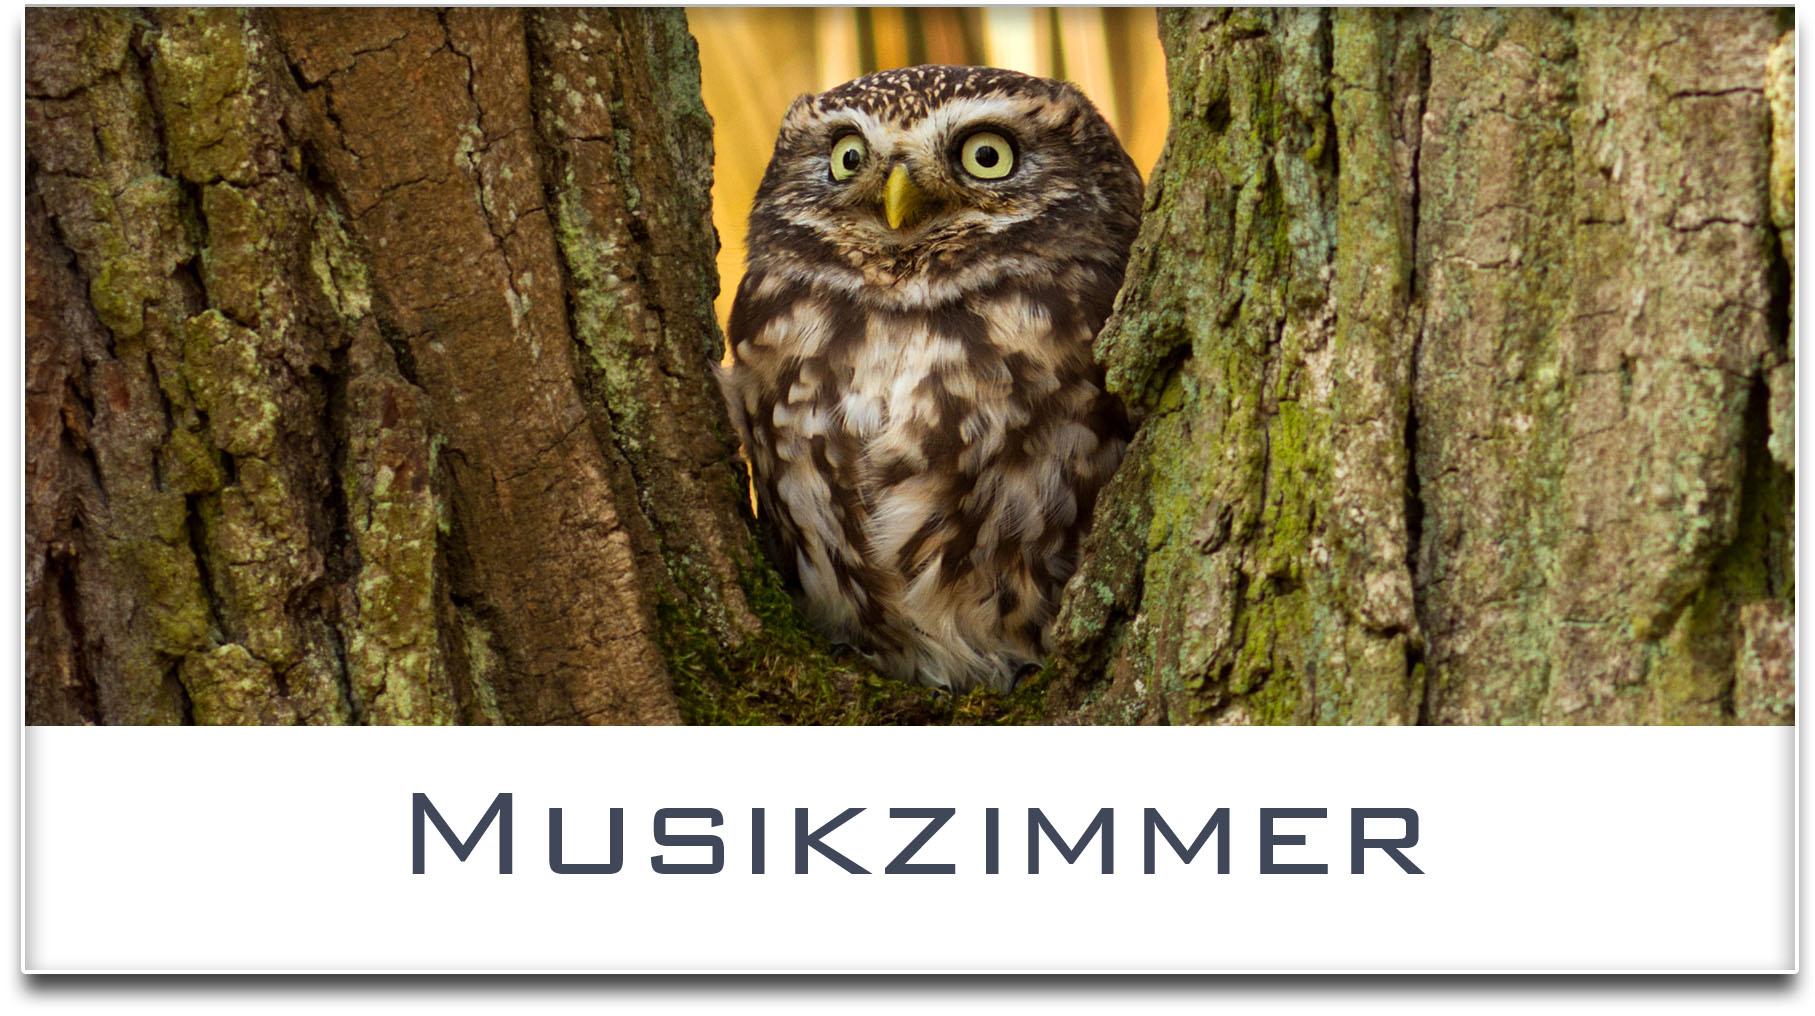 Türschild / Haustürschild / Eule / Musikzimmer / Selbstklebend